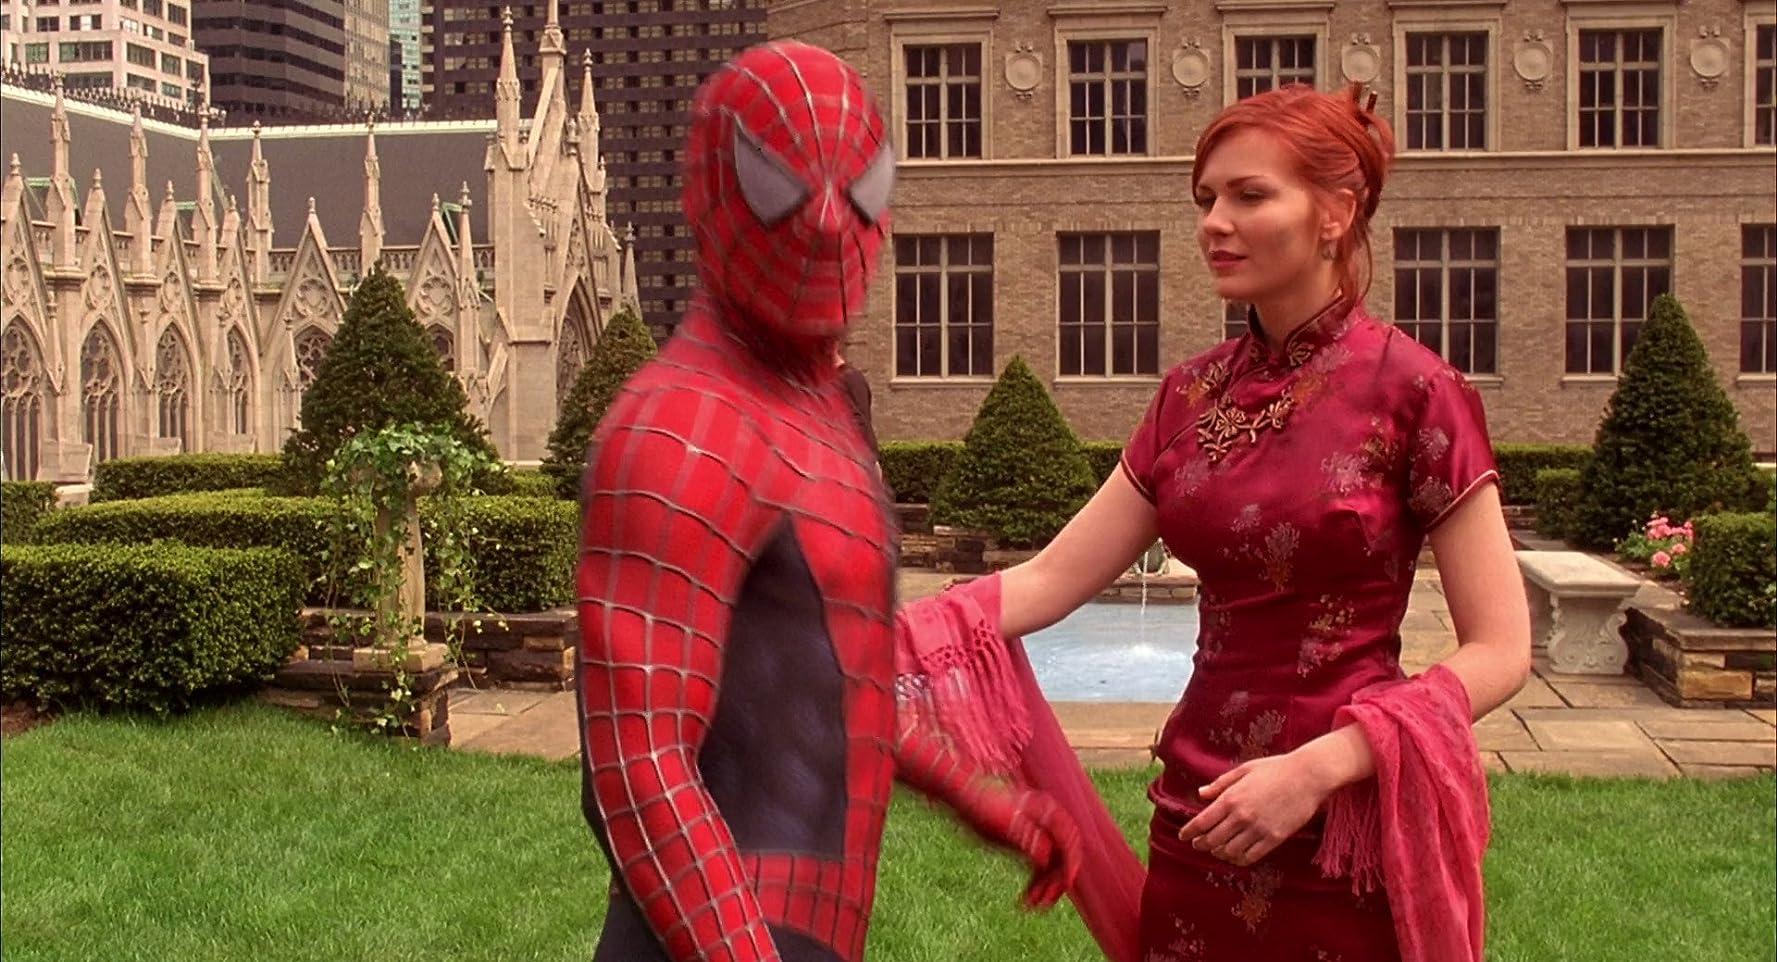 Kirsten Dunst in Spider-Man (2002)